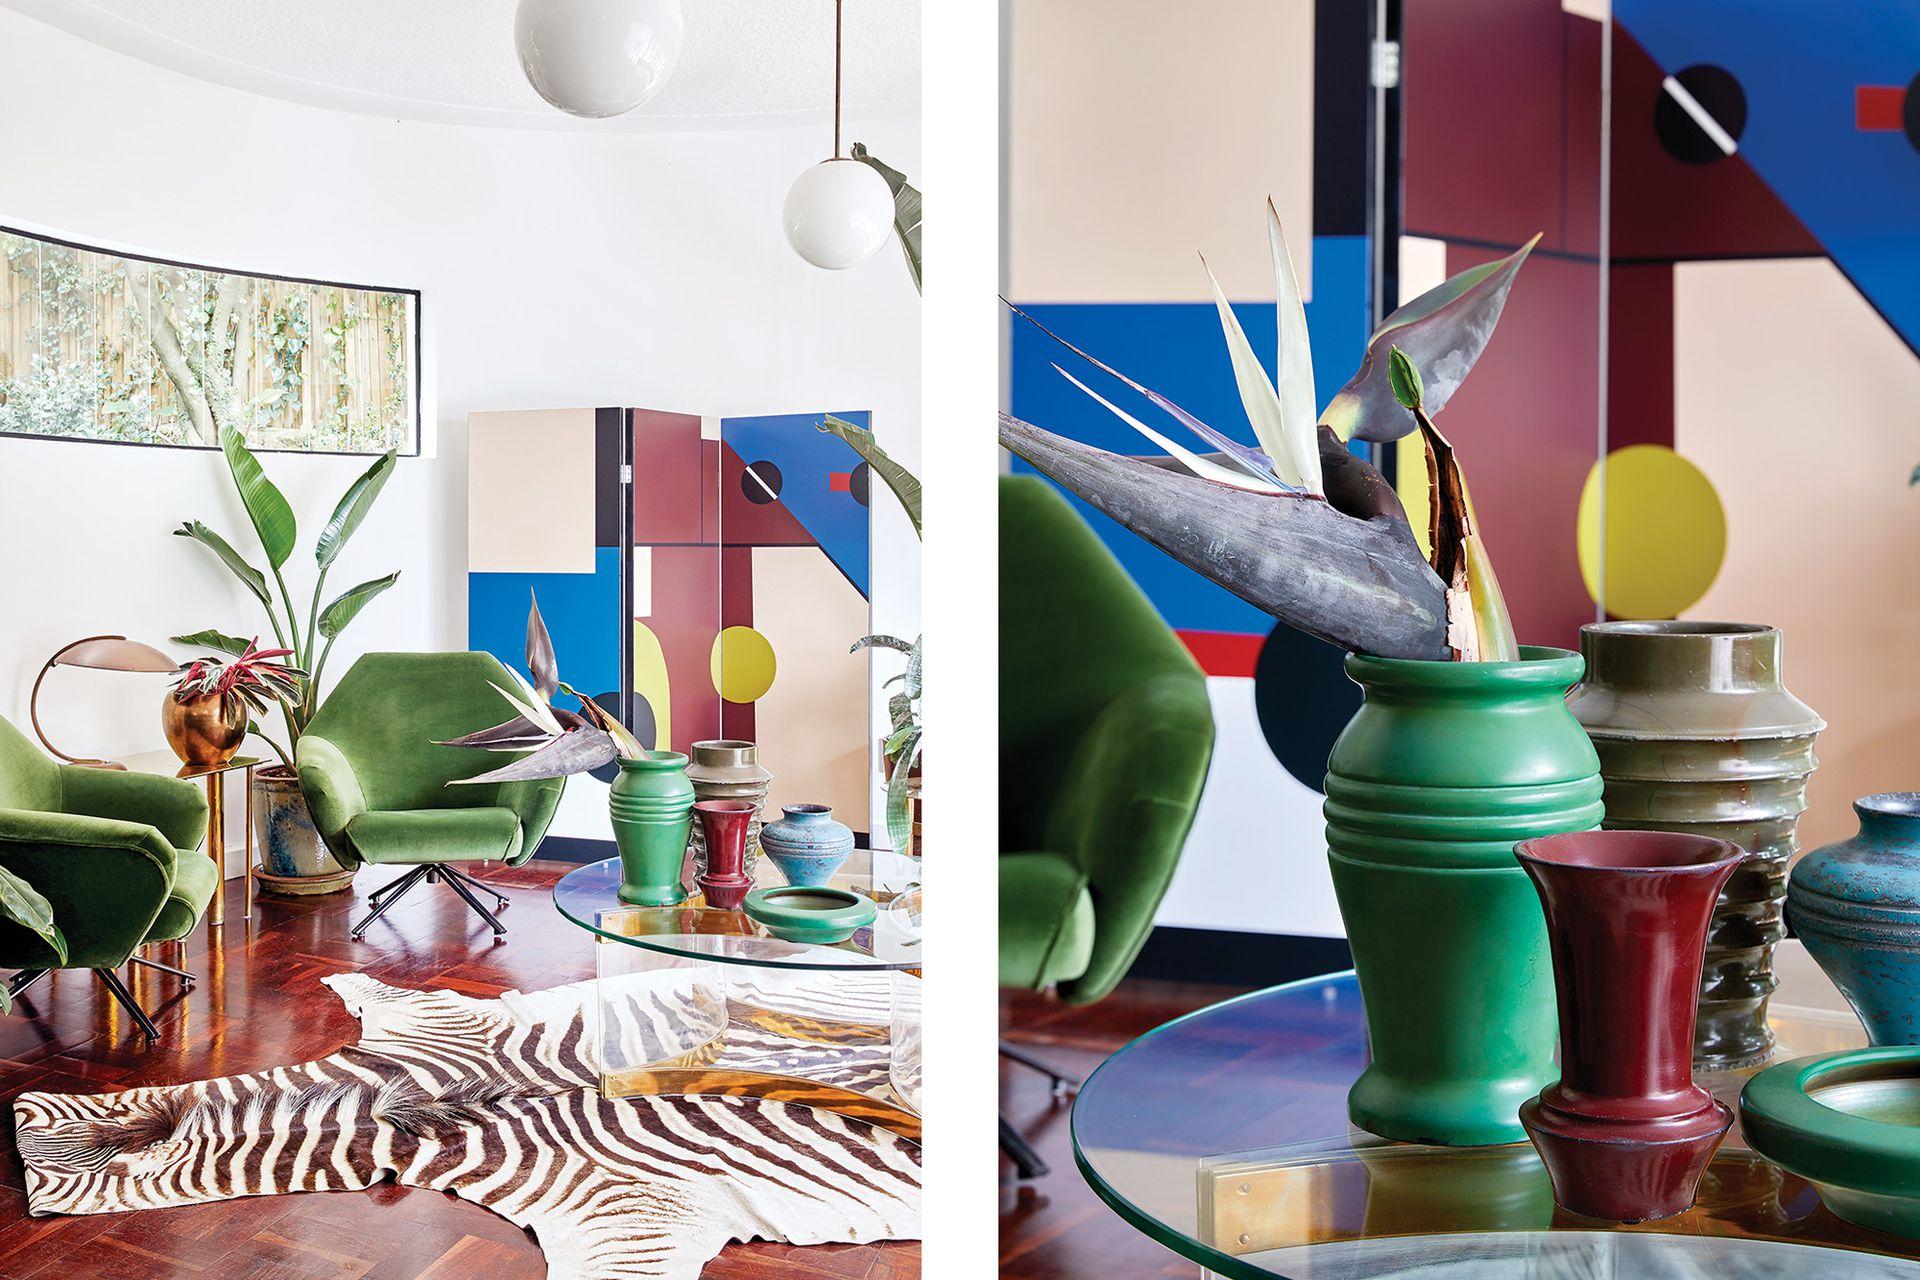 Renée Russouw pintó el biombo tomando como inspiración la colección de jarrones de piedra sobre la mesa transparente.